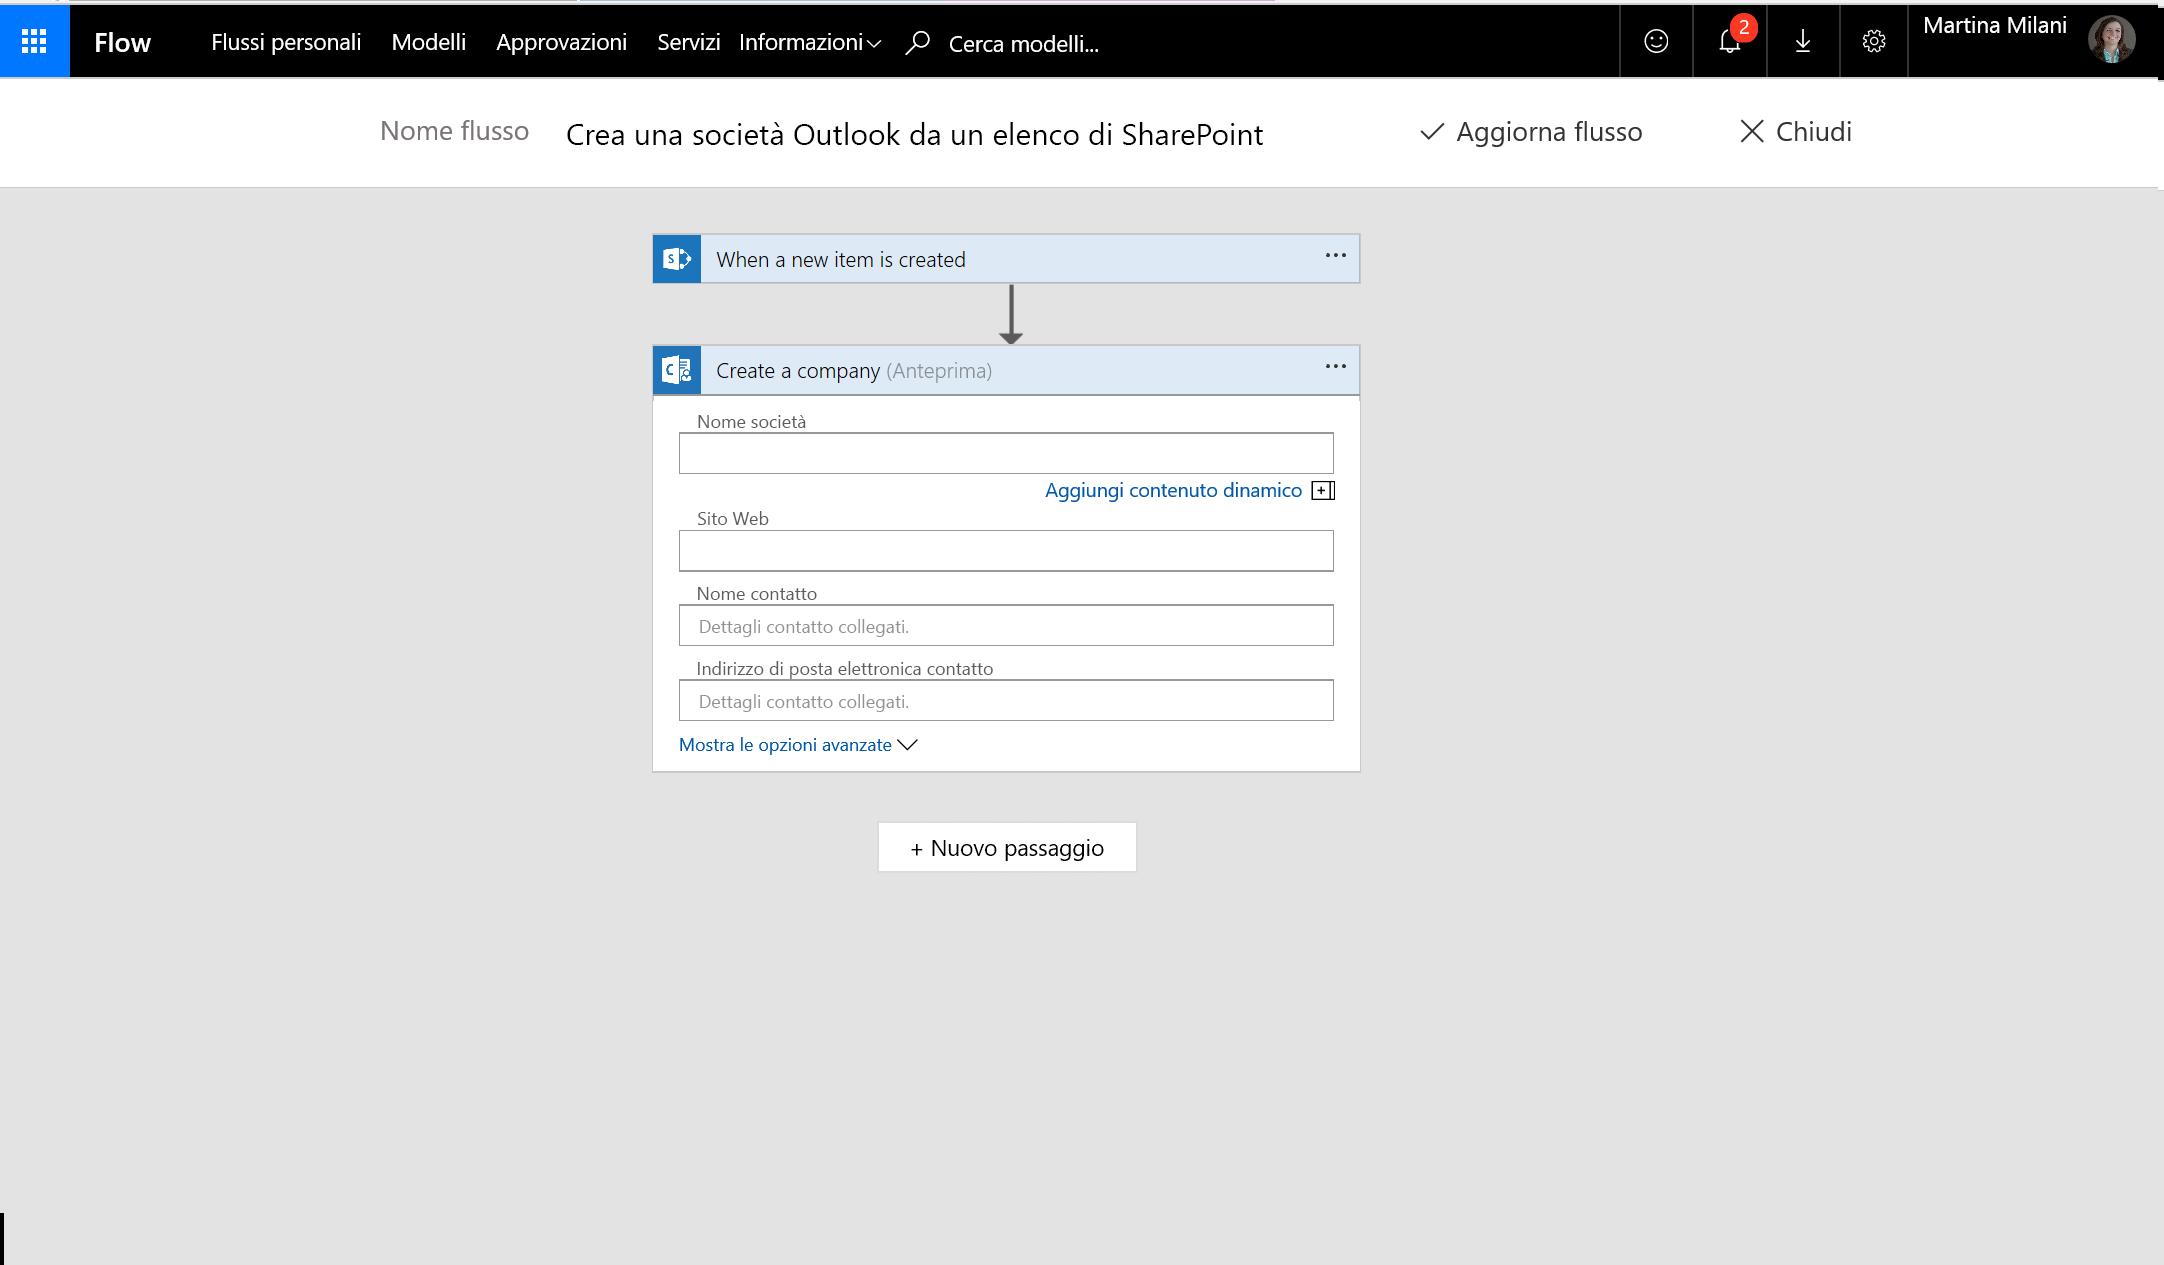 Screenshot che illustra come creare società utilizzando flusso